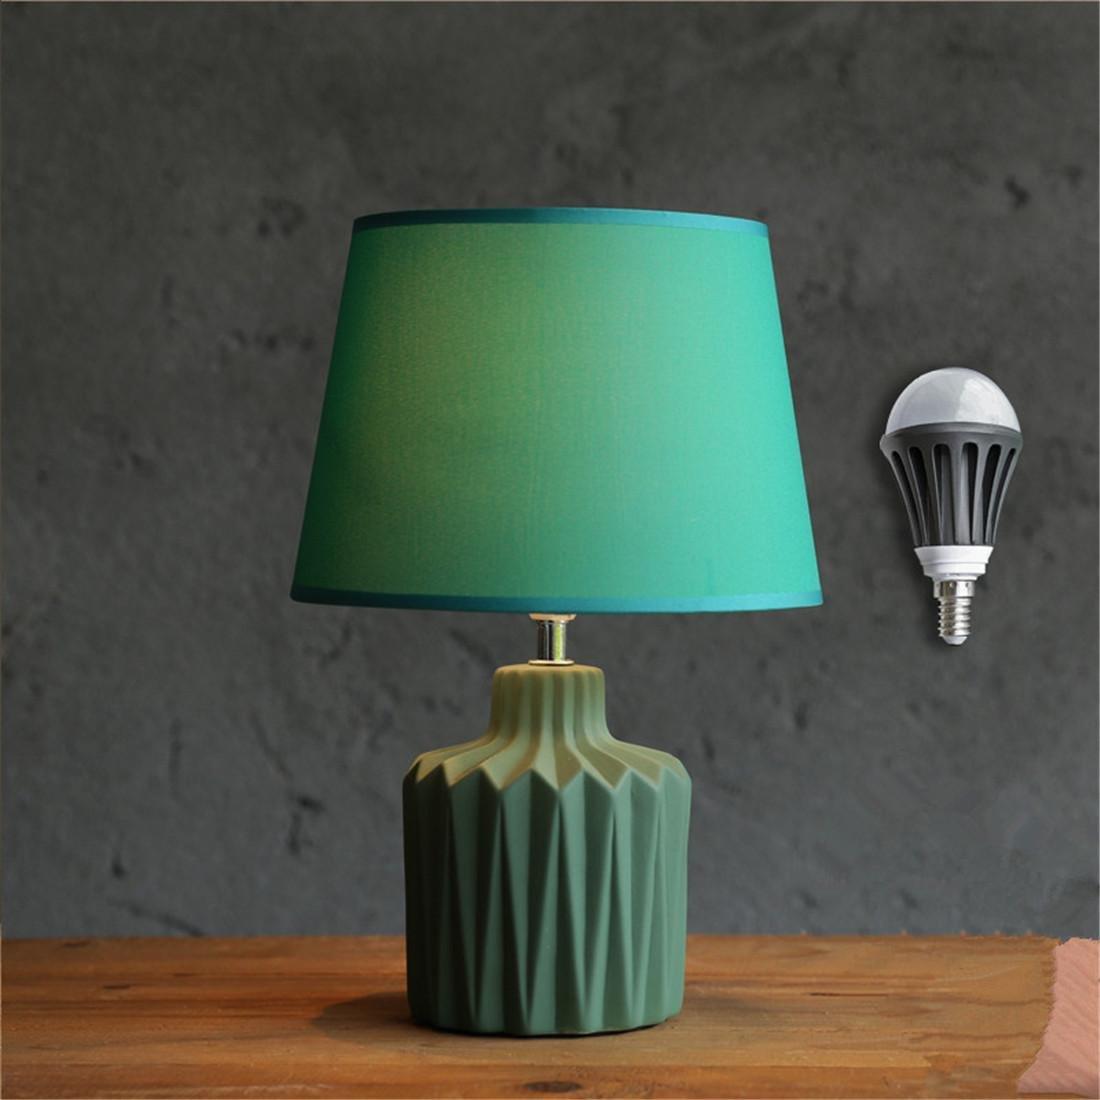 ZHOUYAN Nordic Kreative Amerika Einfache Einfache Einfache Modernen Mode Schöne Warm Grüne Keramik Einstellbare Licht-LED Warmes Licht Wohnzimmer Studie Schlafzimmer Bett 25  34 B07DZCK1LQ | ein guter Ruf in der Welt  fdc5f9